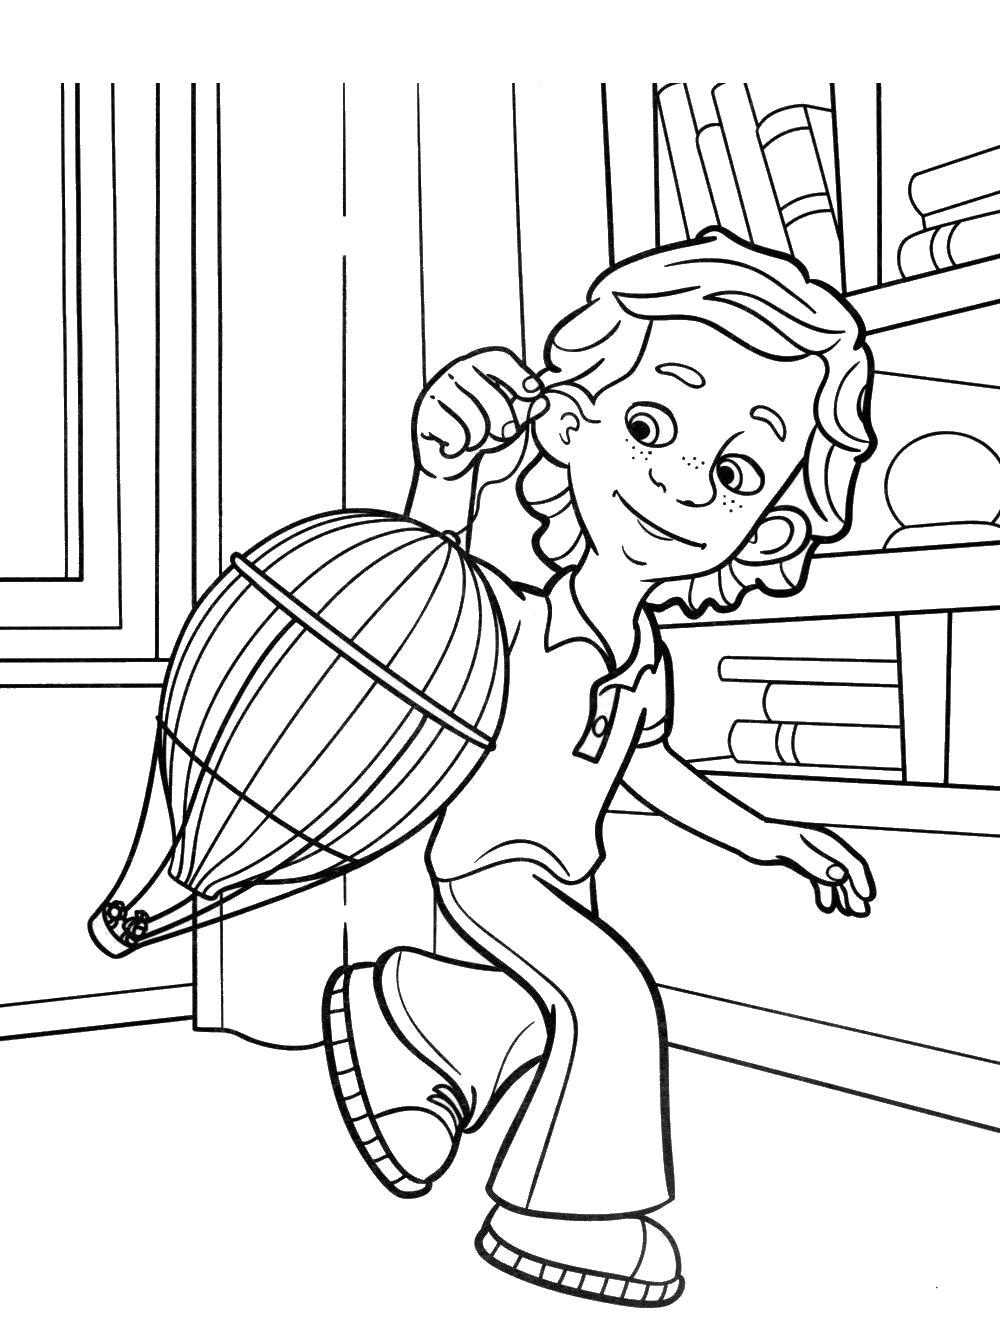 Раскраска  Симка и Нолик на воздушном шаре. Скачать .  Распечатать